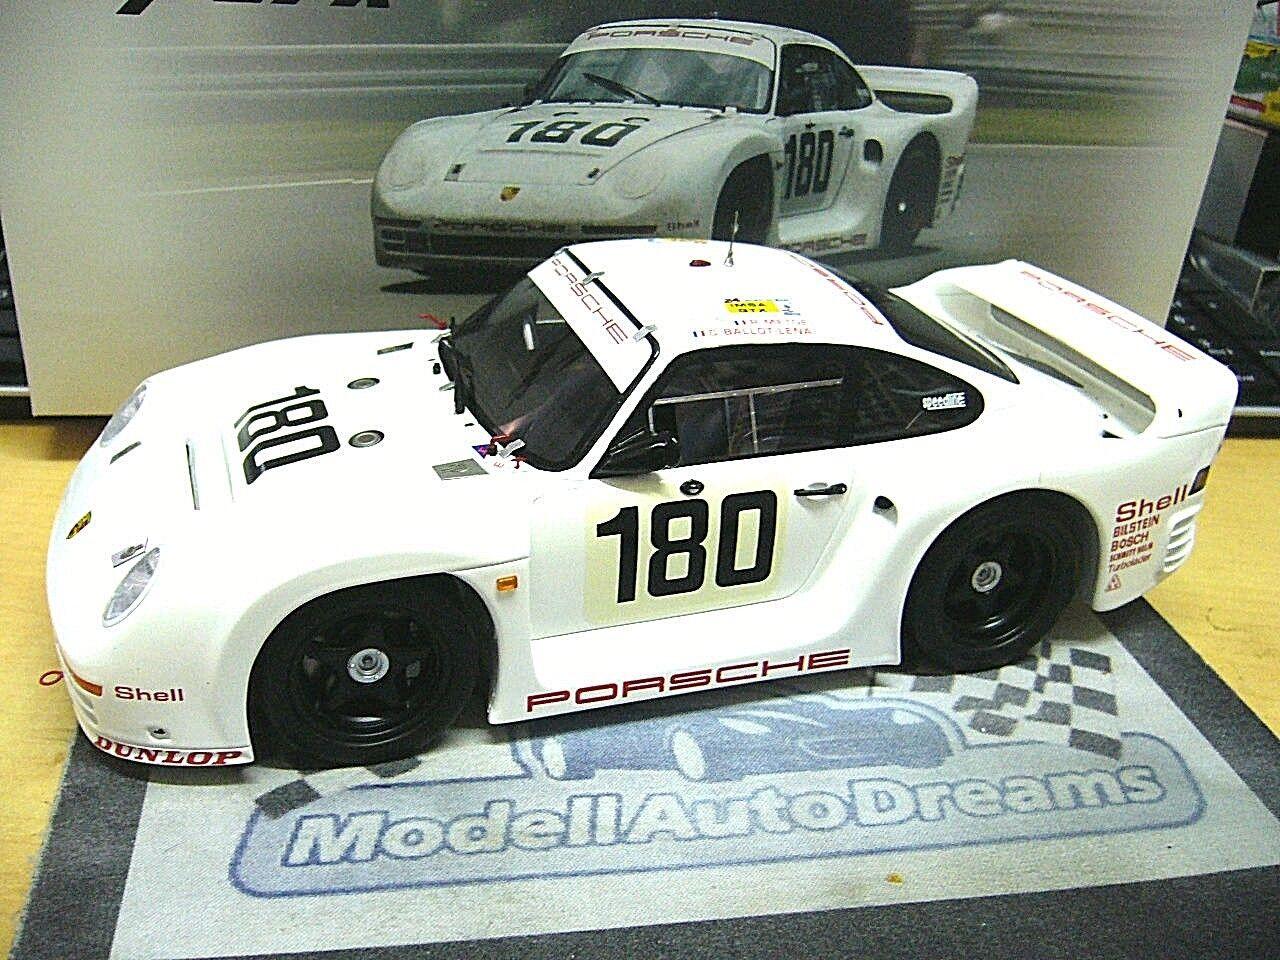 Porsche 959  961 Le Mans  180 Metge 1986 Taille B Spark Resin nouveau RAR 1 18  plus vendu